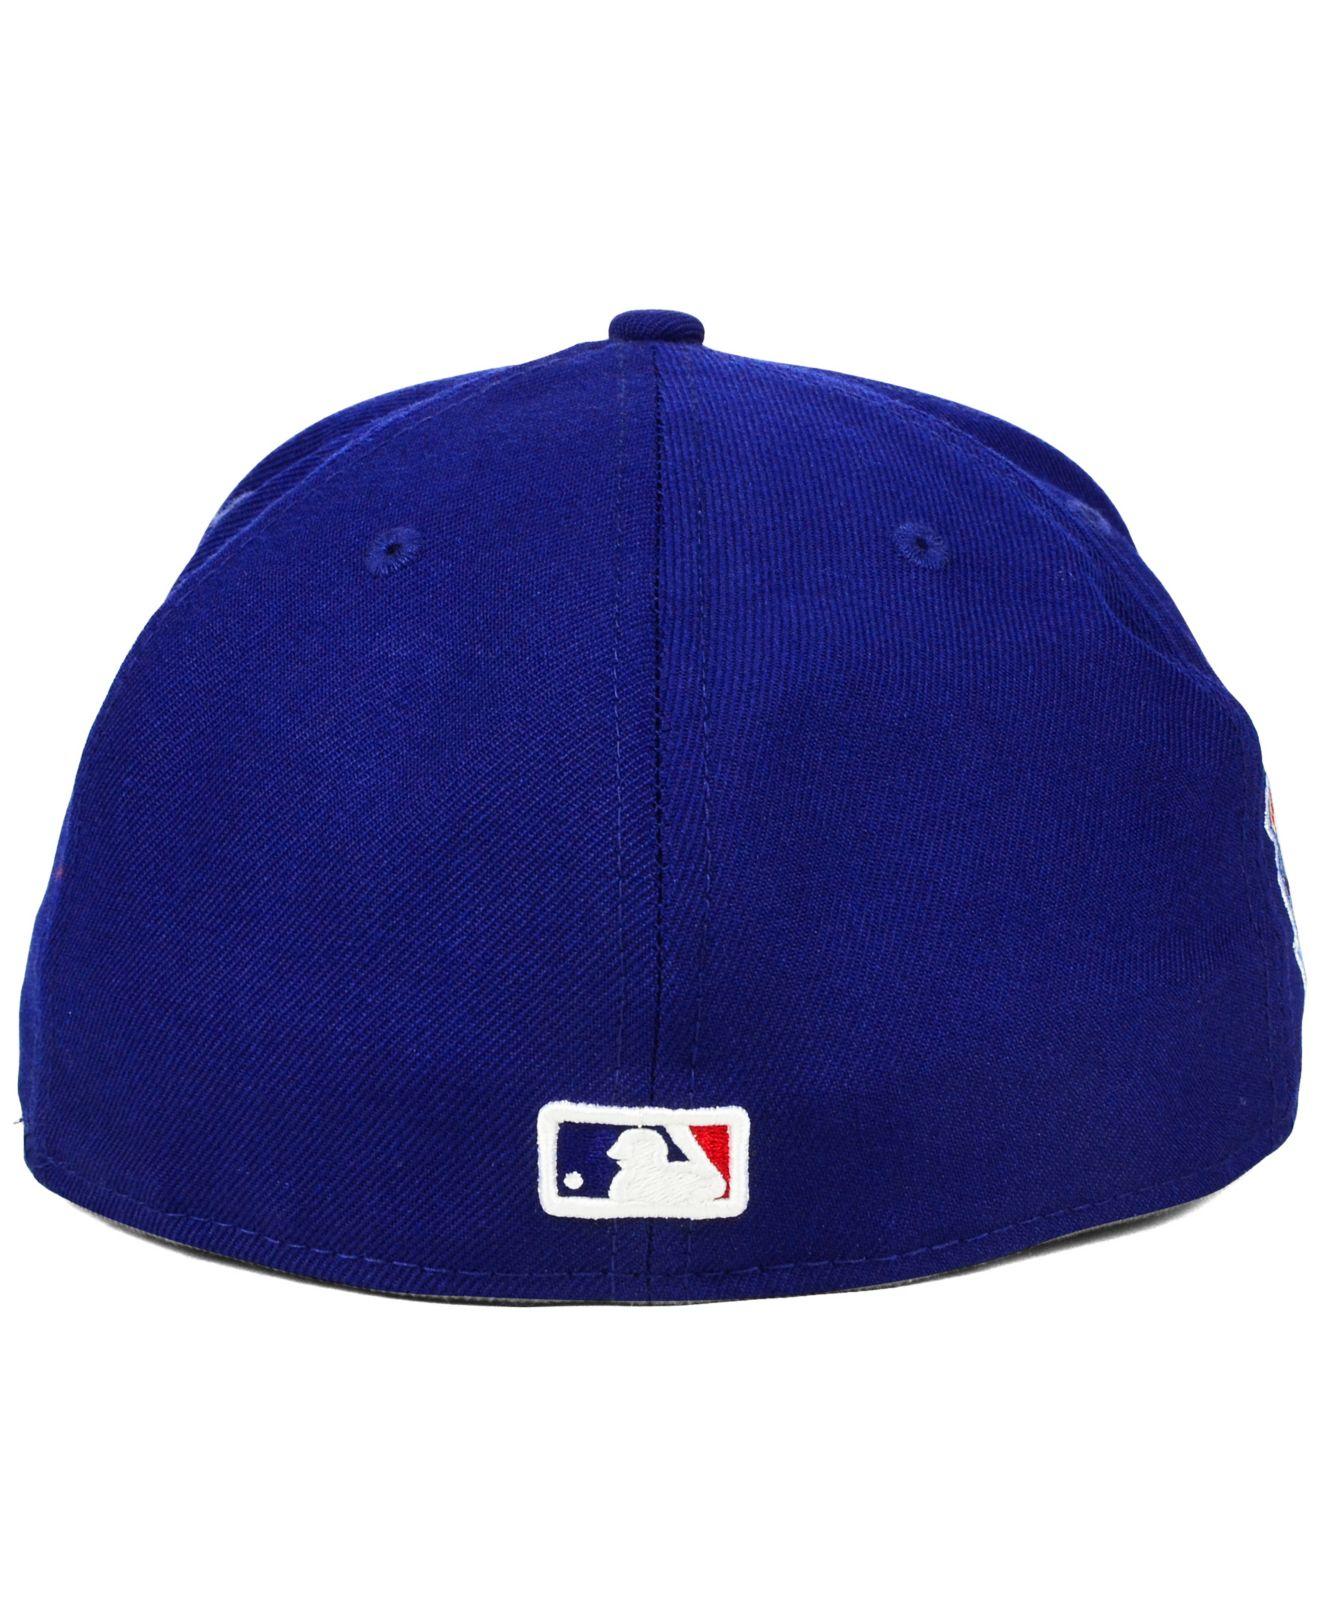 wholesale dealer 5b01e 99e94 ... australia lyst ktz los angeles dodgers anniversary patch 59fifty cap in  blue 8085c d0830